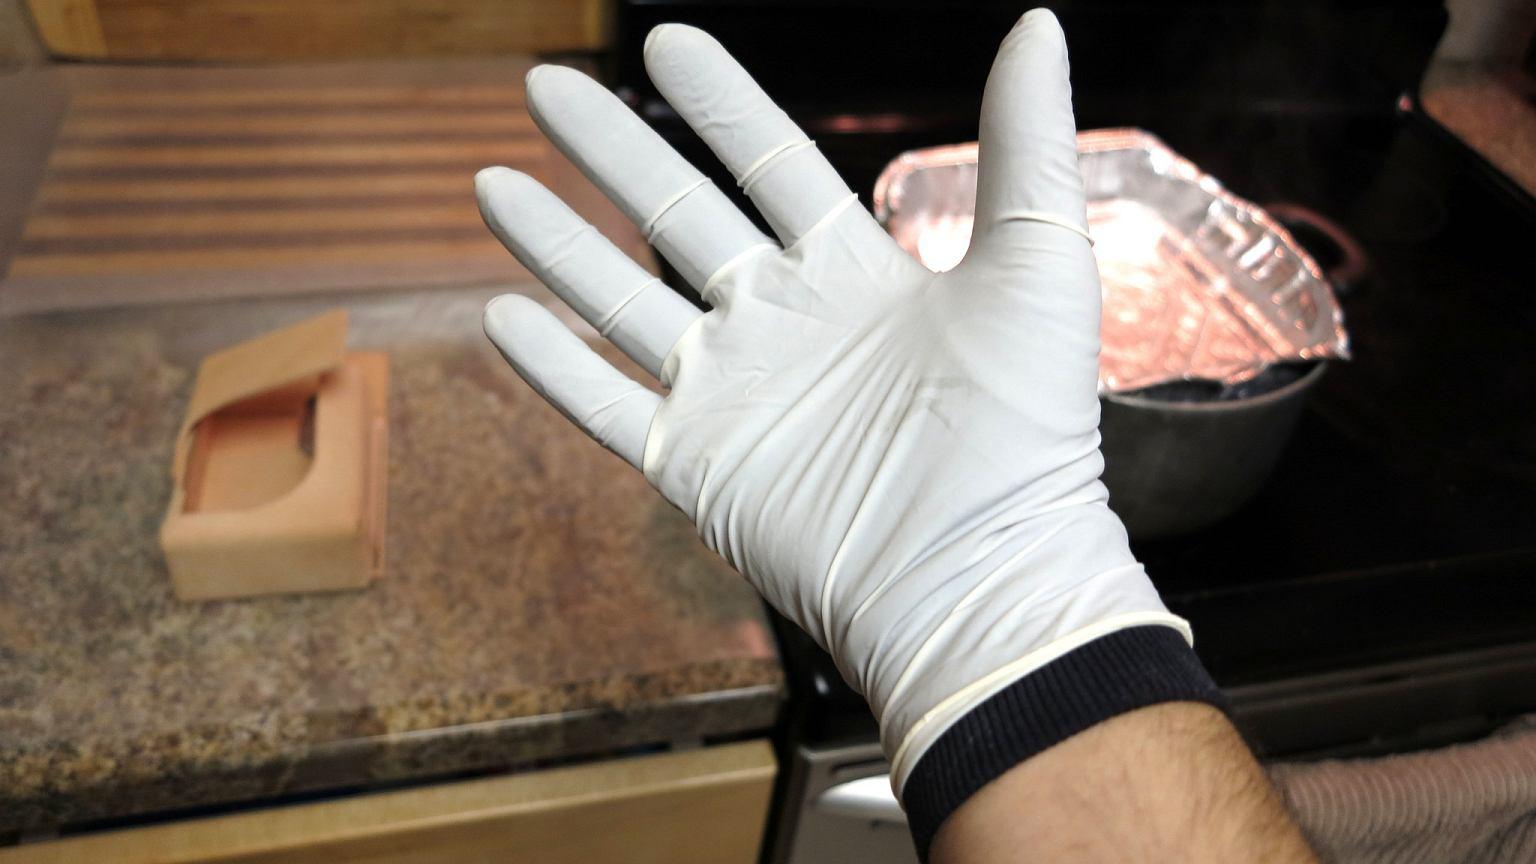 Od 2 kwietnia rękawiczki jednorazowe obowiązkowe. Sklepy i klienci pytają, skąd je wziąć